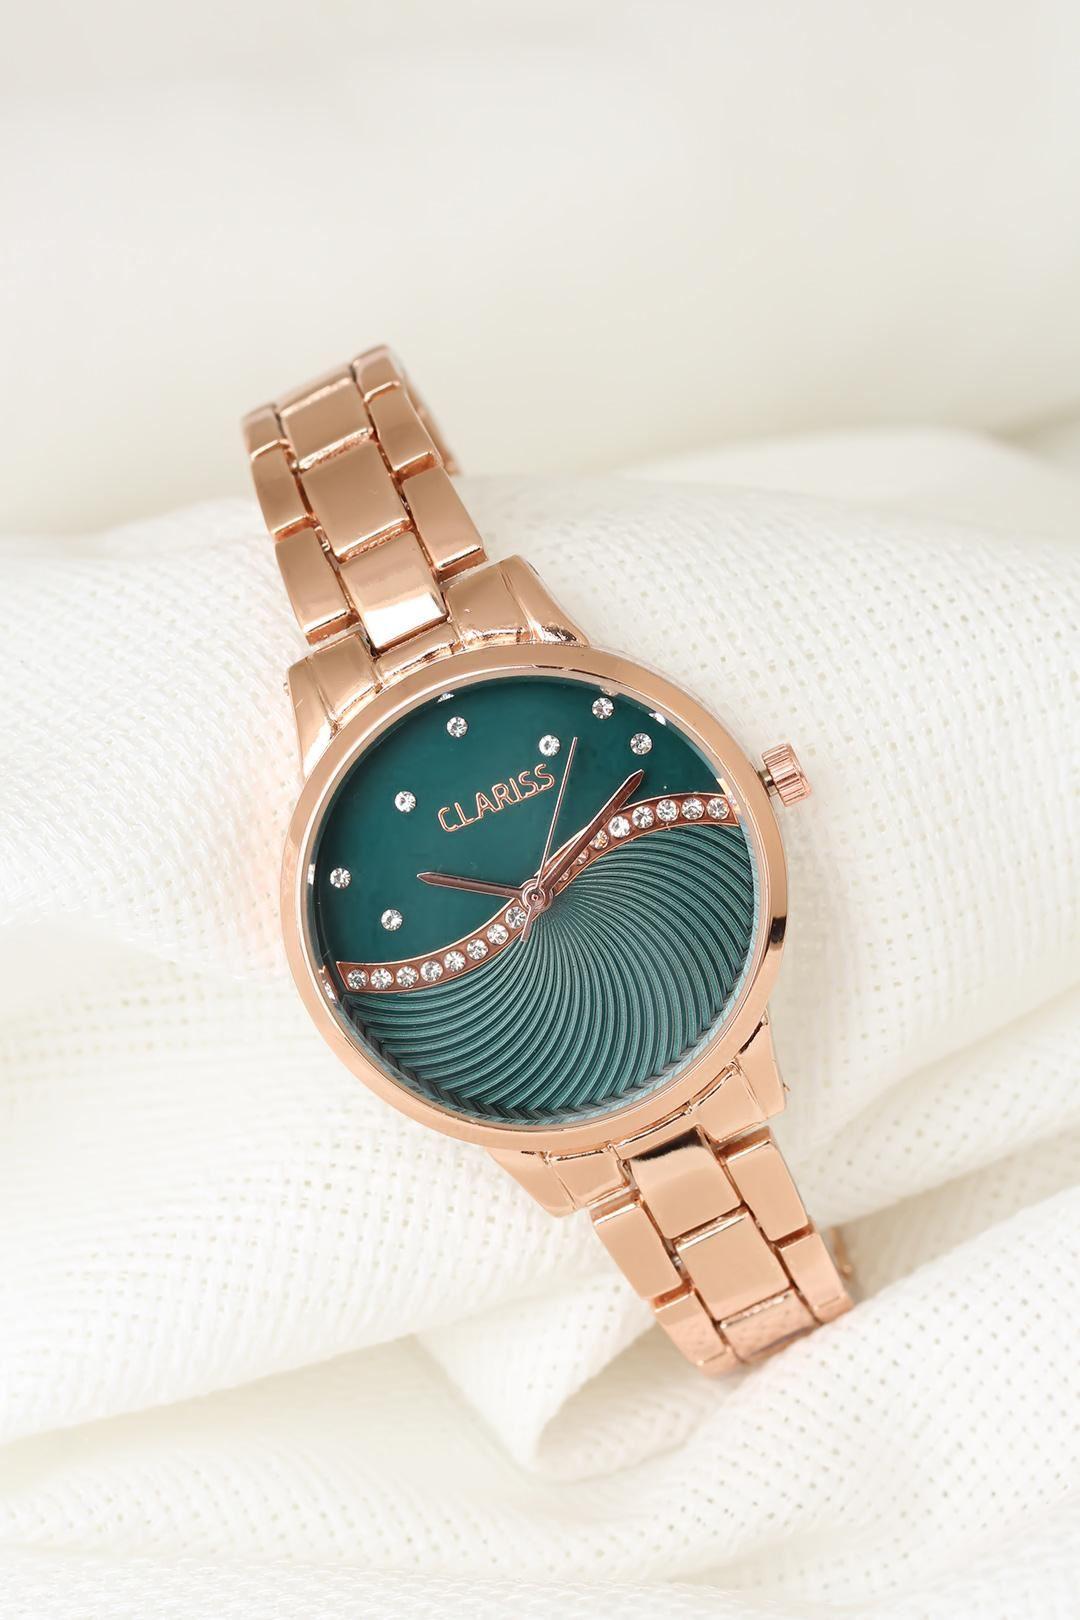 Rose Renk Metal Kordonlu Yeşil Renk Zirkon Taşlı İç Tasarımlı Clariss Marka Bayan Kol Saati